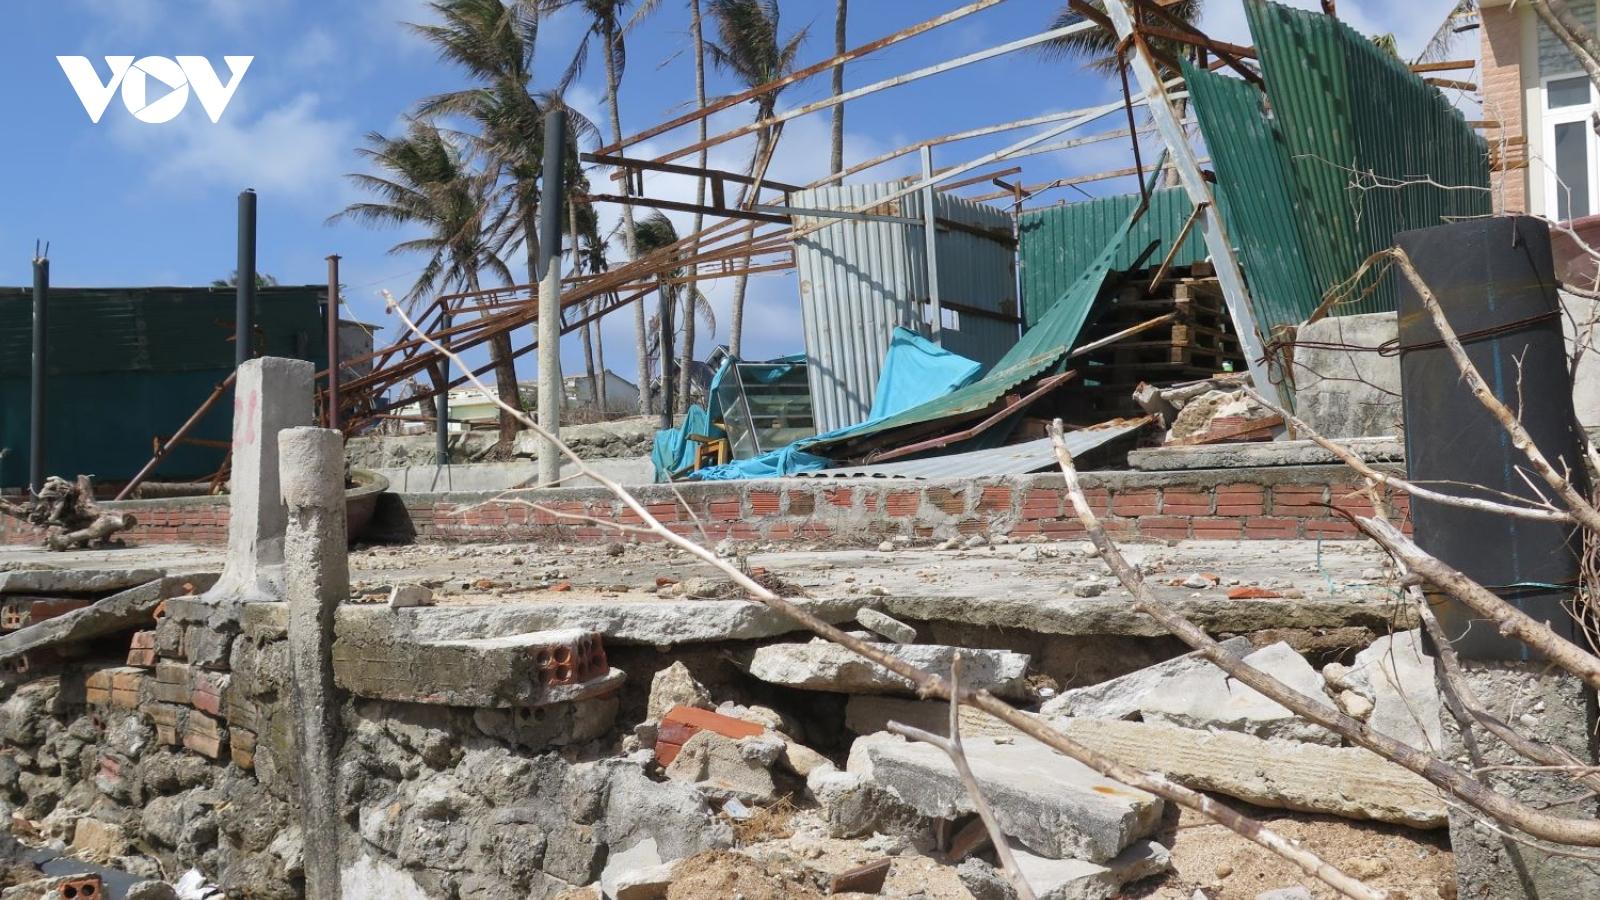 Quảng Ngãi phân bổ hơn 14 tỷ đồng xây lại nhà ở cho các hộbị ảnh hưởng bão lũ